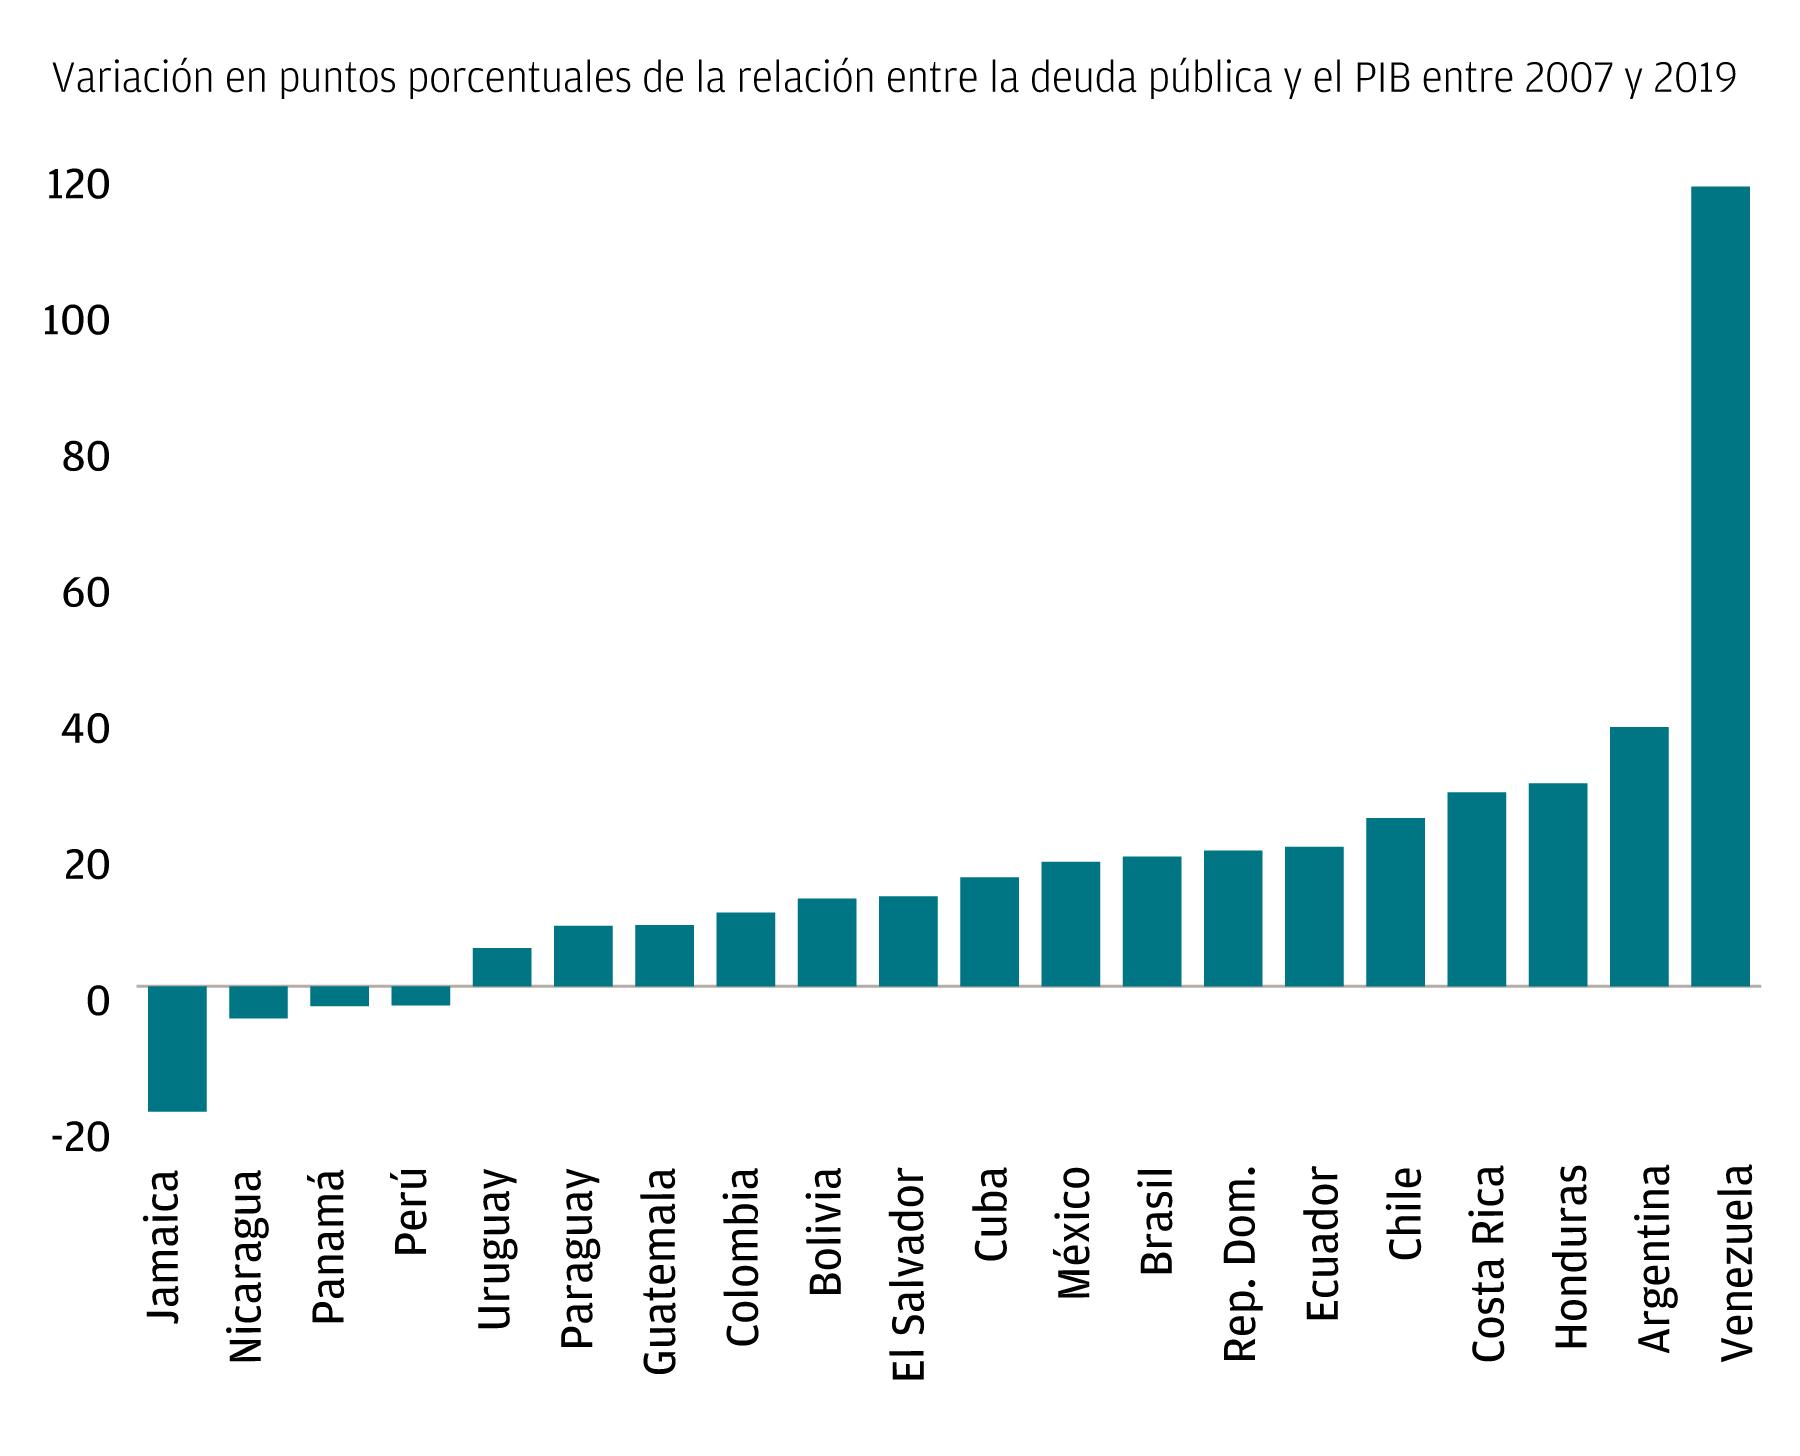 Una gráfica de barras que muestra la variación en puntos porcentuales de la relación entre la deuda pública y el PIB entre 2007 y 2019 para determinados países de América Latina y el Caribe.